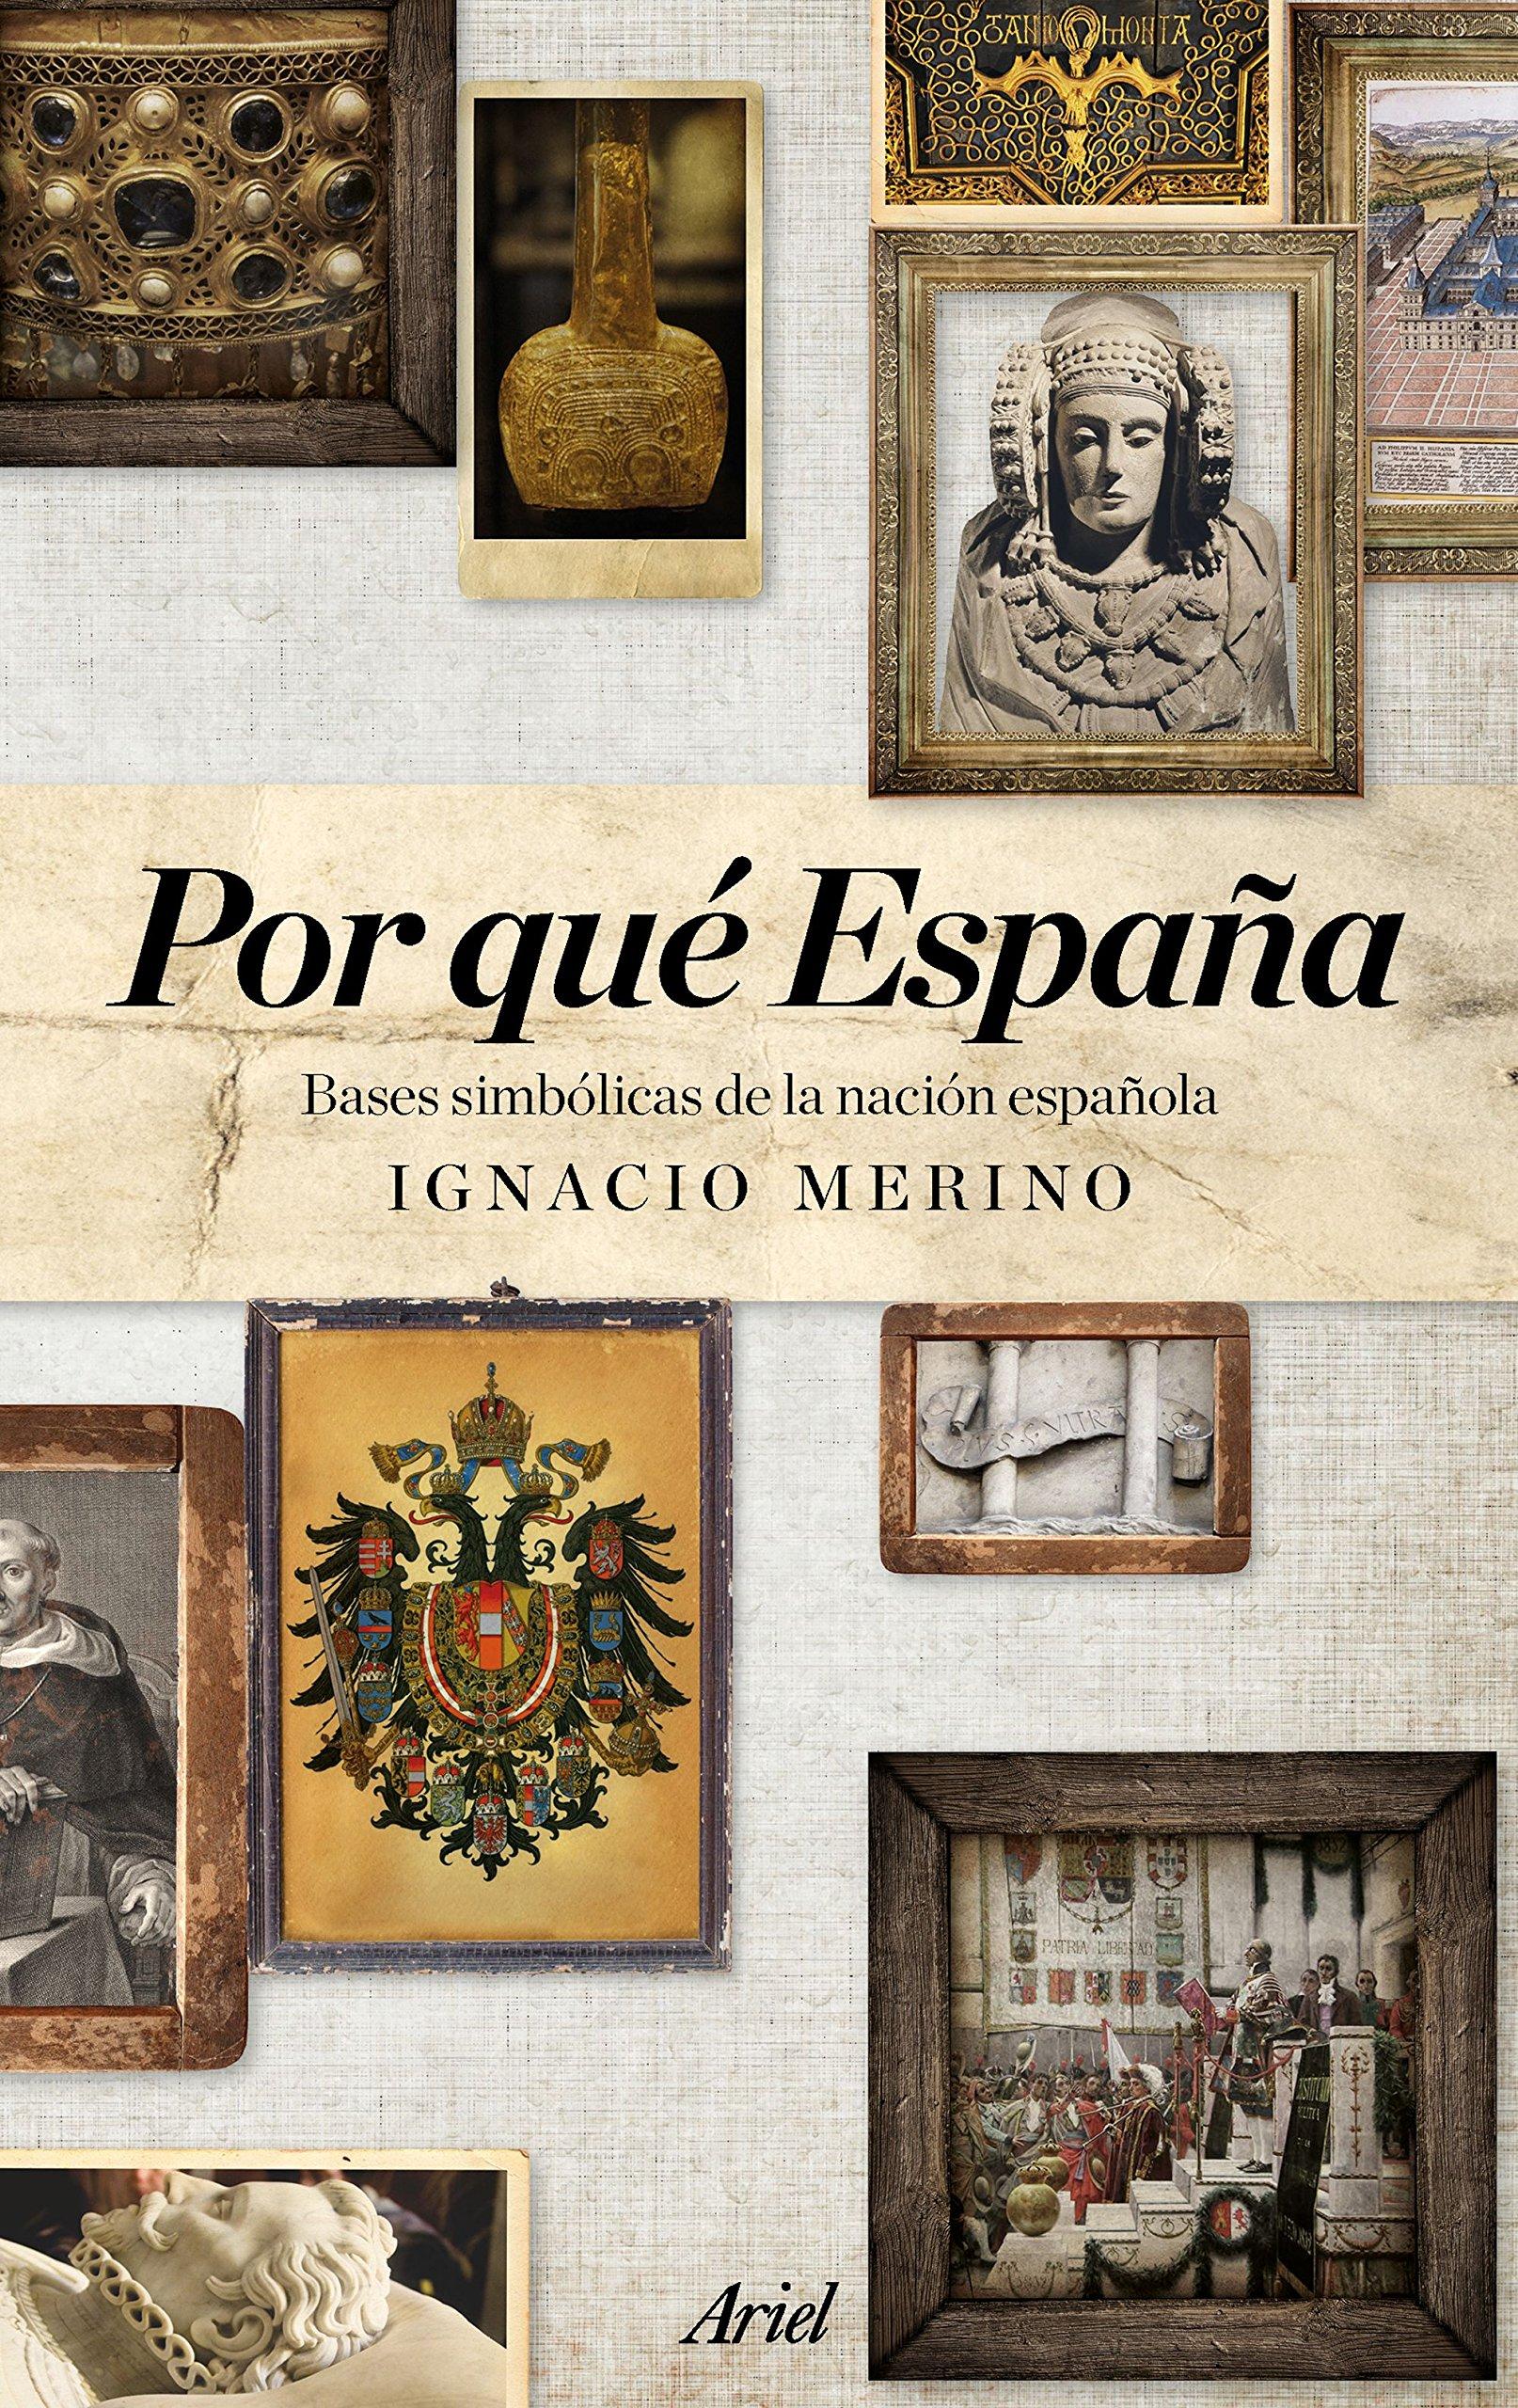 Por qué España: Bases simbólicas de la nación española Ariel: Amazon.es: Merino Bobillo, Ignacio: Libros